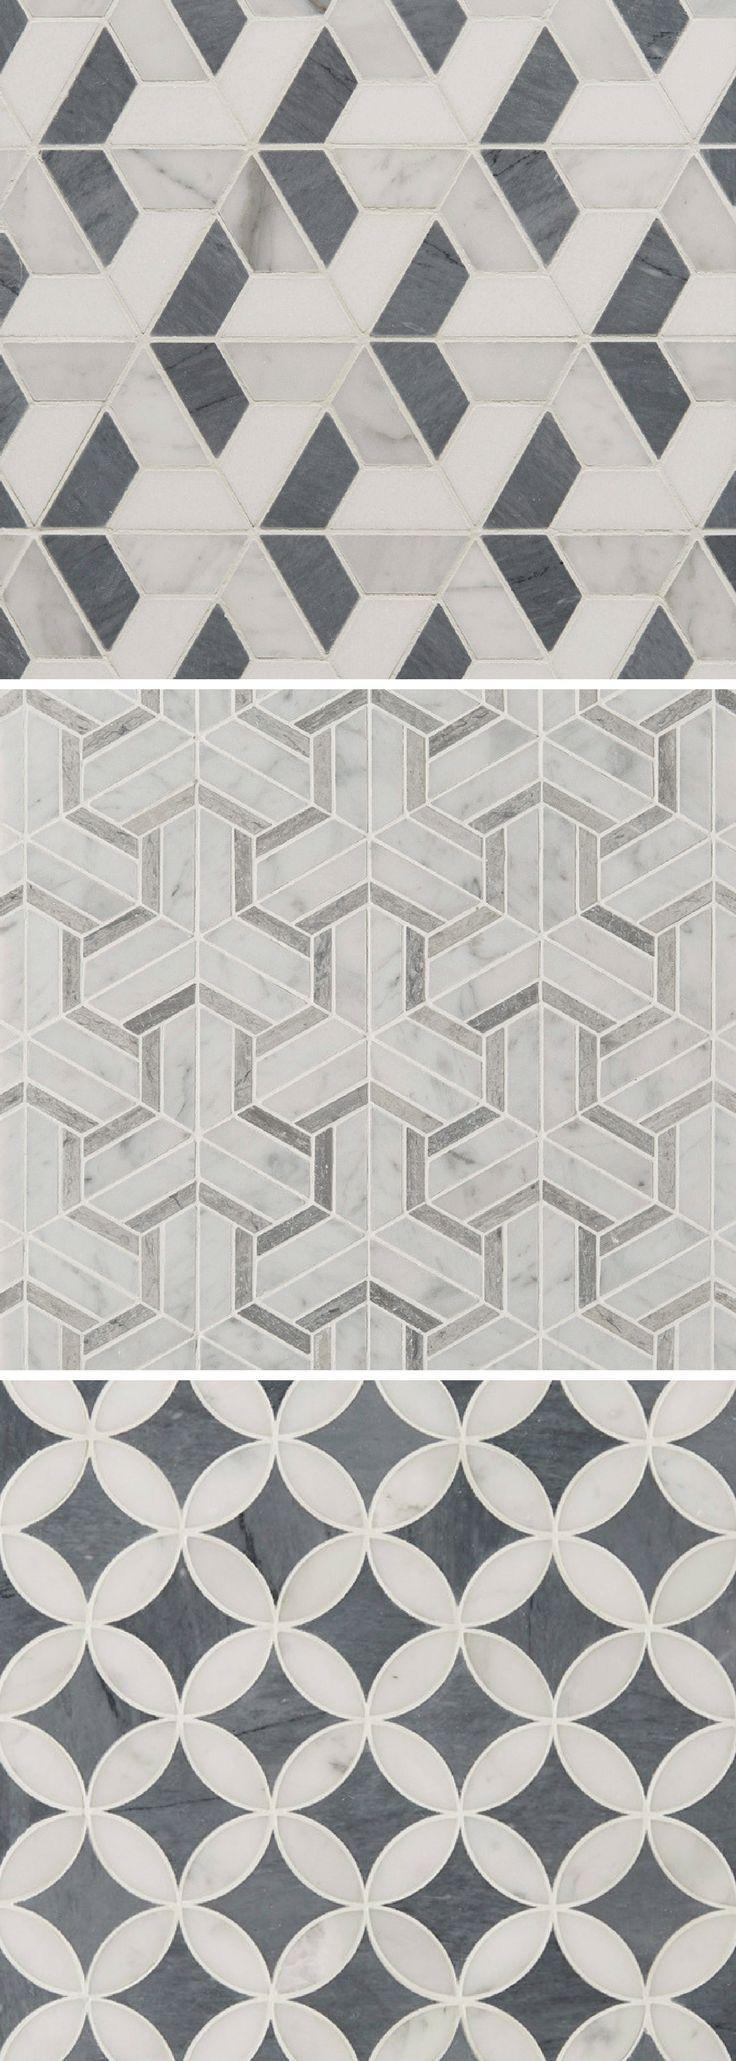 Art Deco Marble Mosaic Tile Patterns Art Deco Collection By - Art deco mosaic tile patterns